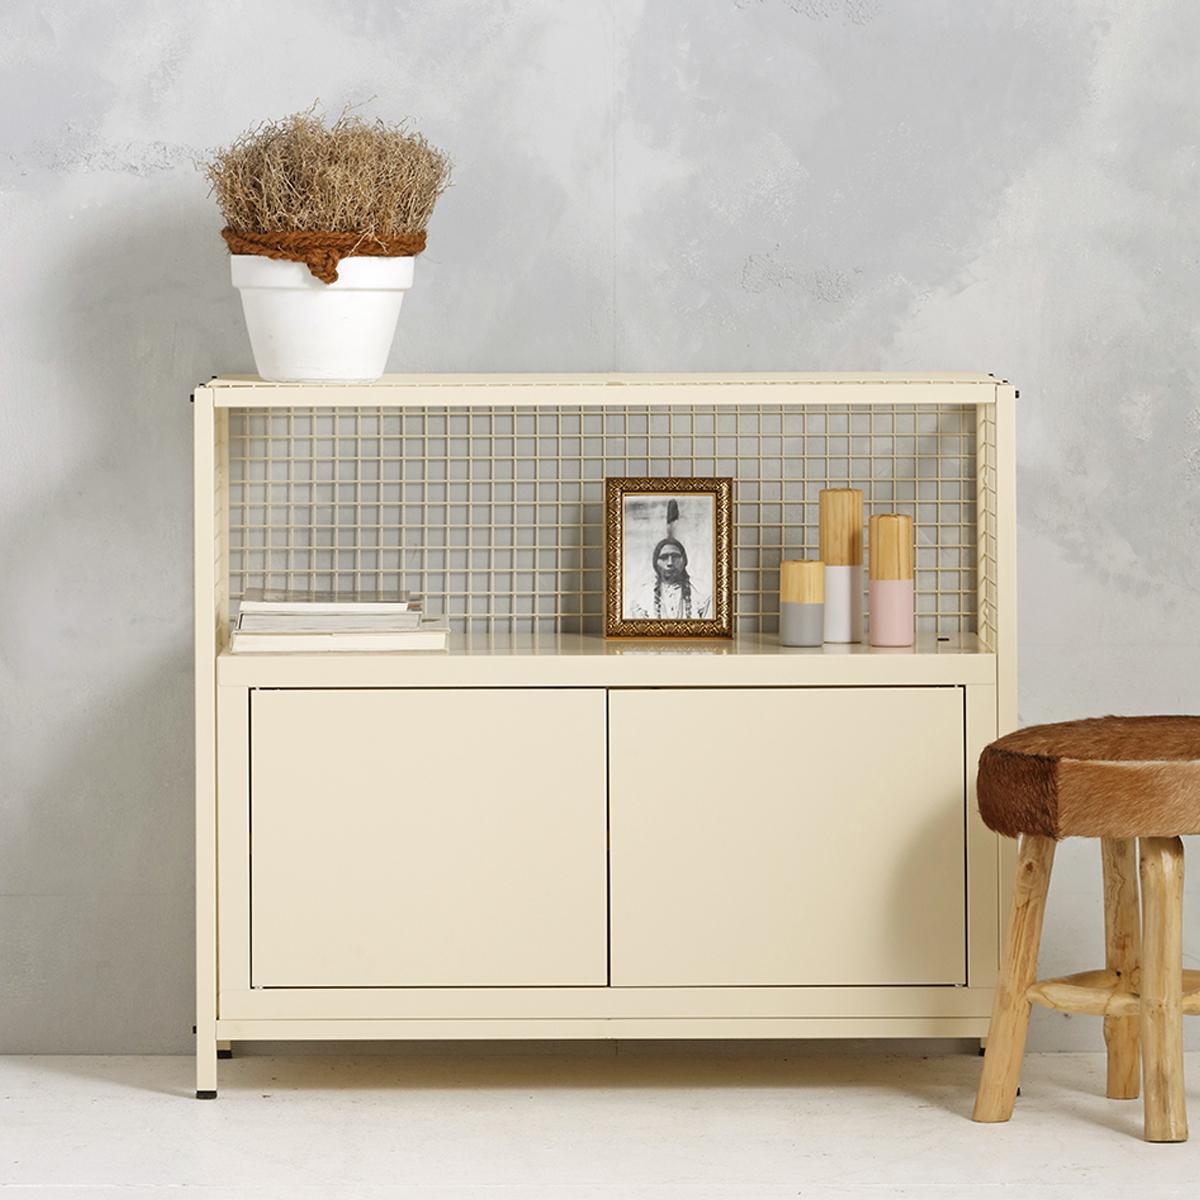 Industrieel dressoir - beige - 91x105.3x44.5 cm - LCS-102